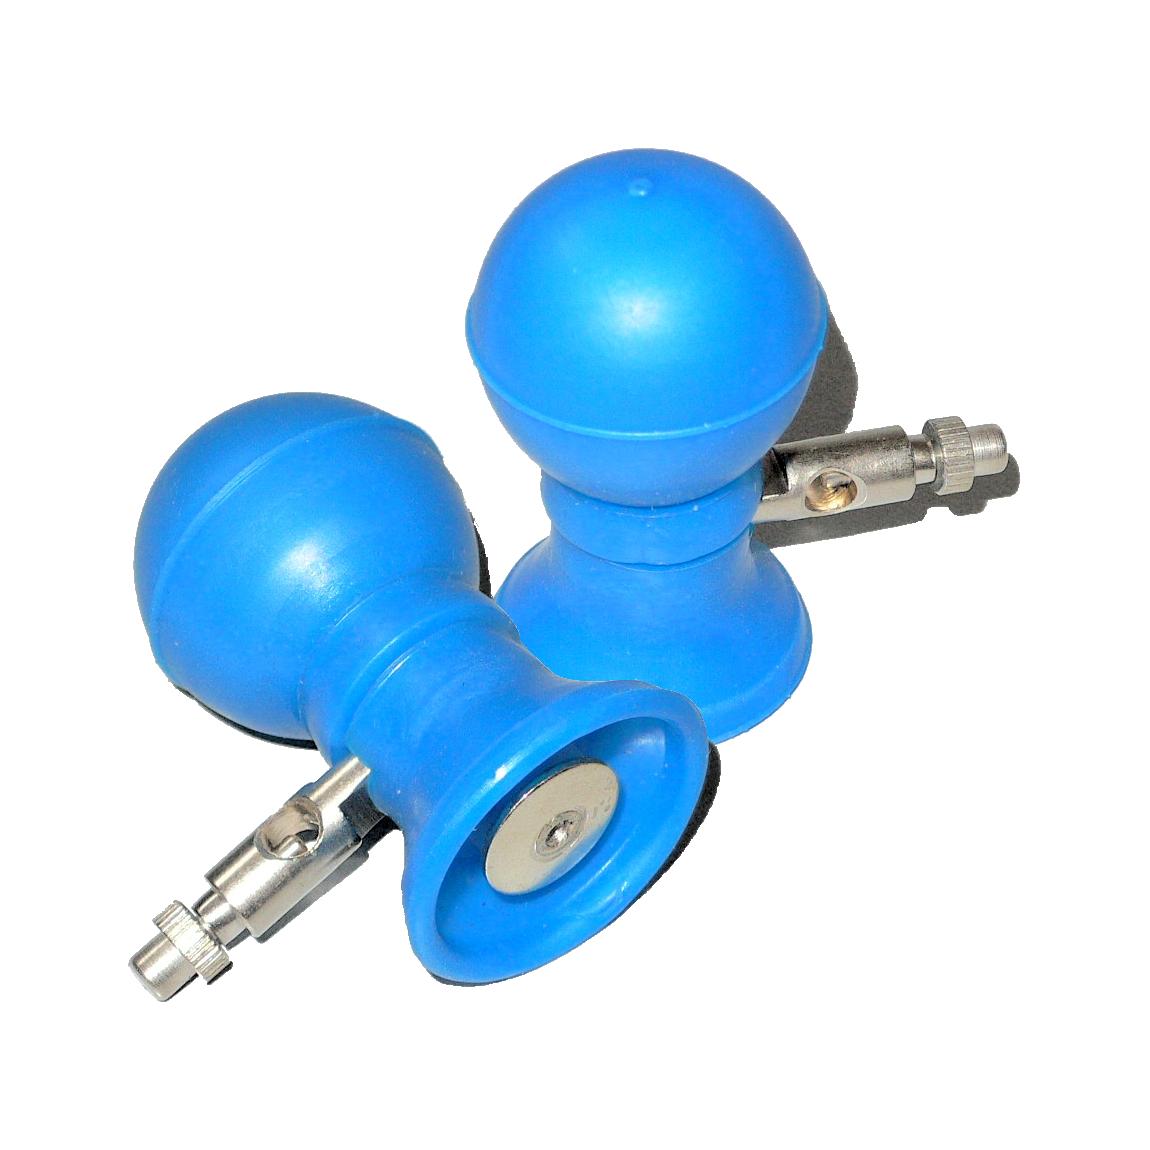 Грудной многоразовый электрод для ЭКГ, педиатрический с плоским токосъмником (585 руб/шт)